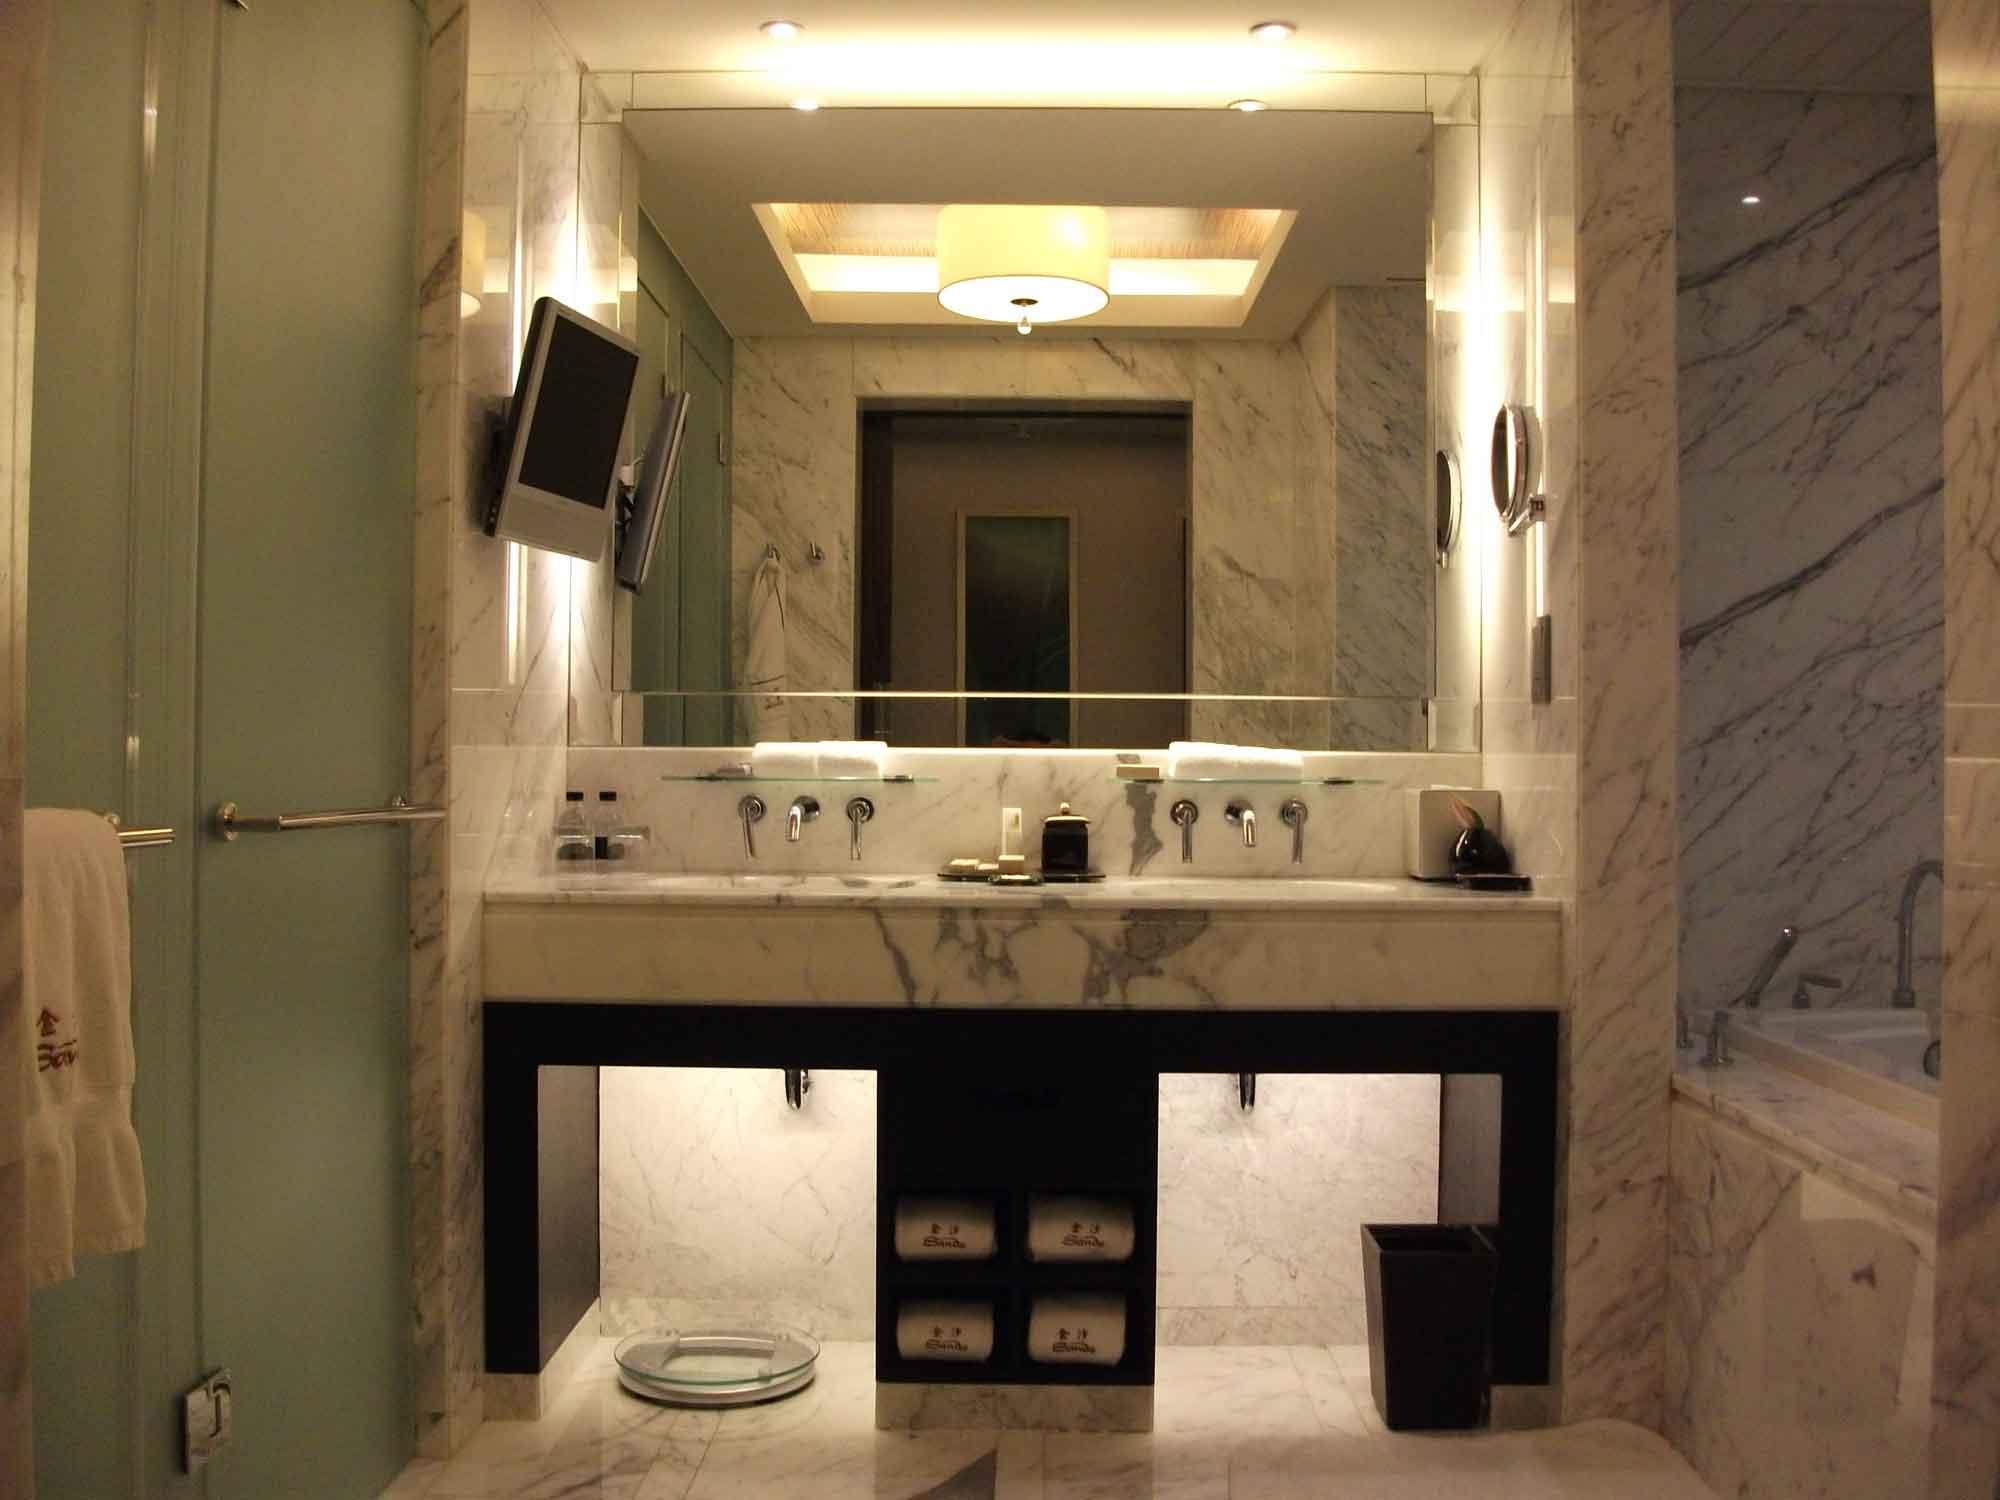 Sands Macao deluxe suite bathroom